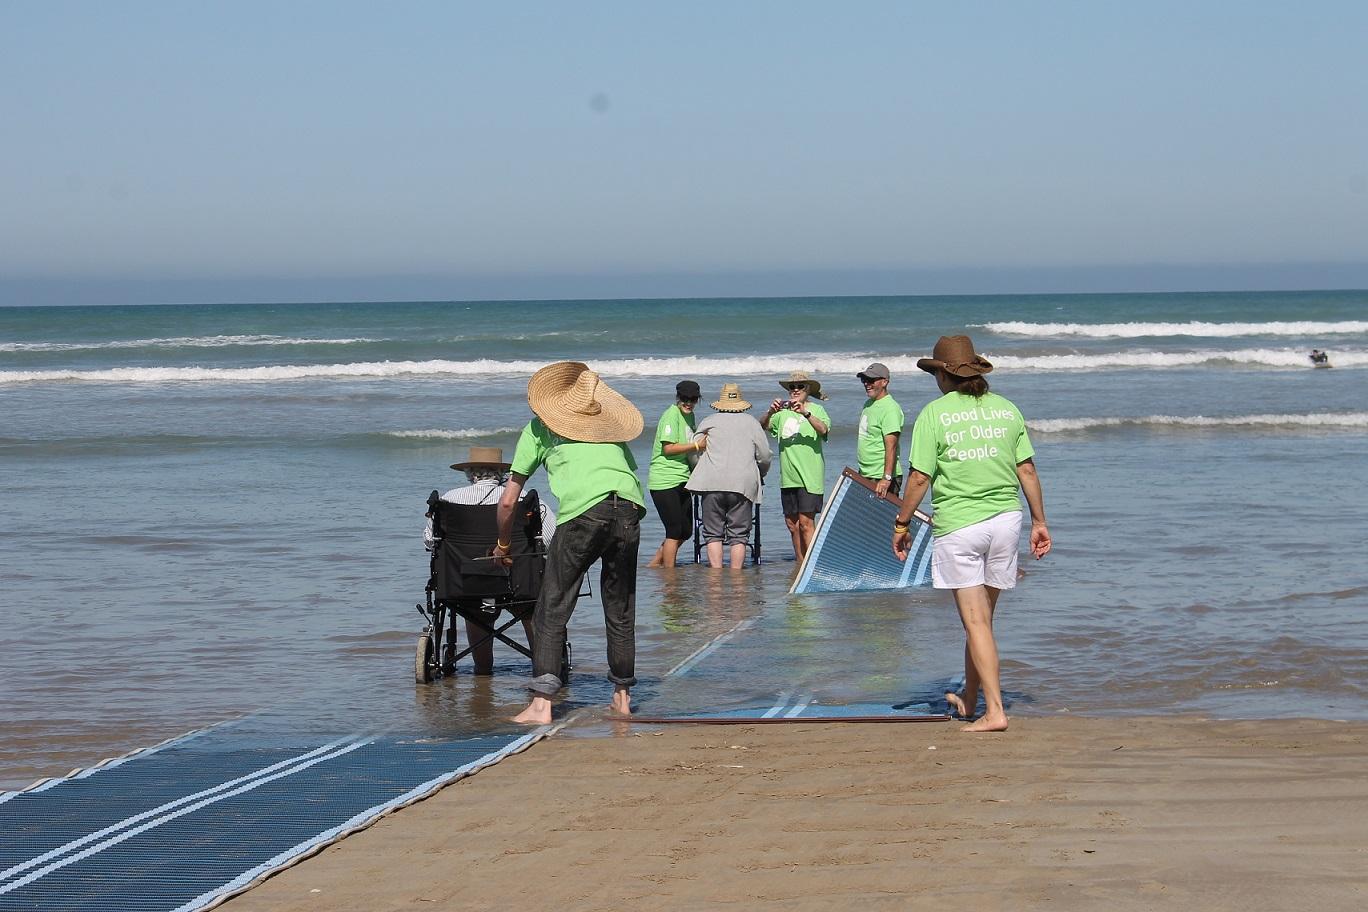 ACH residents enjoying glenelg beach